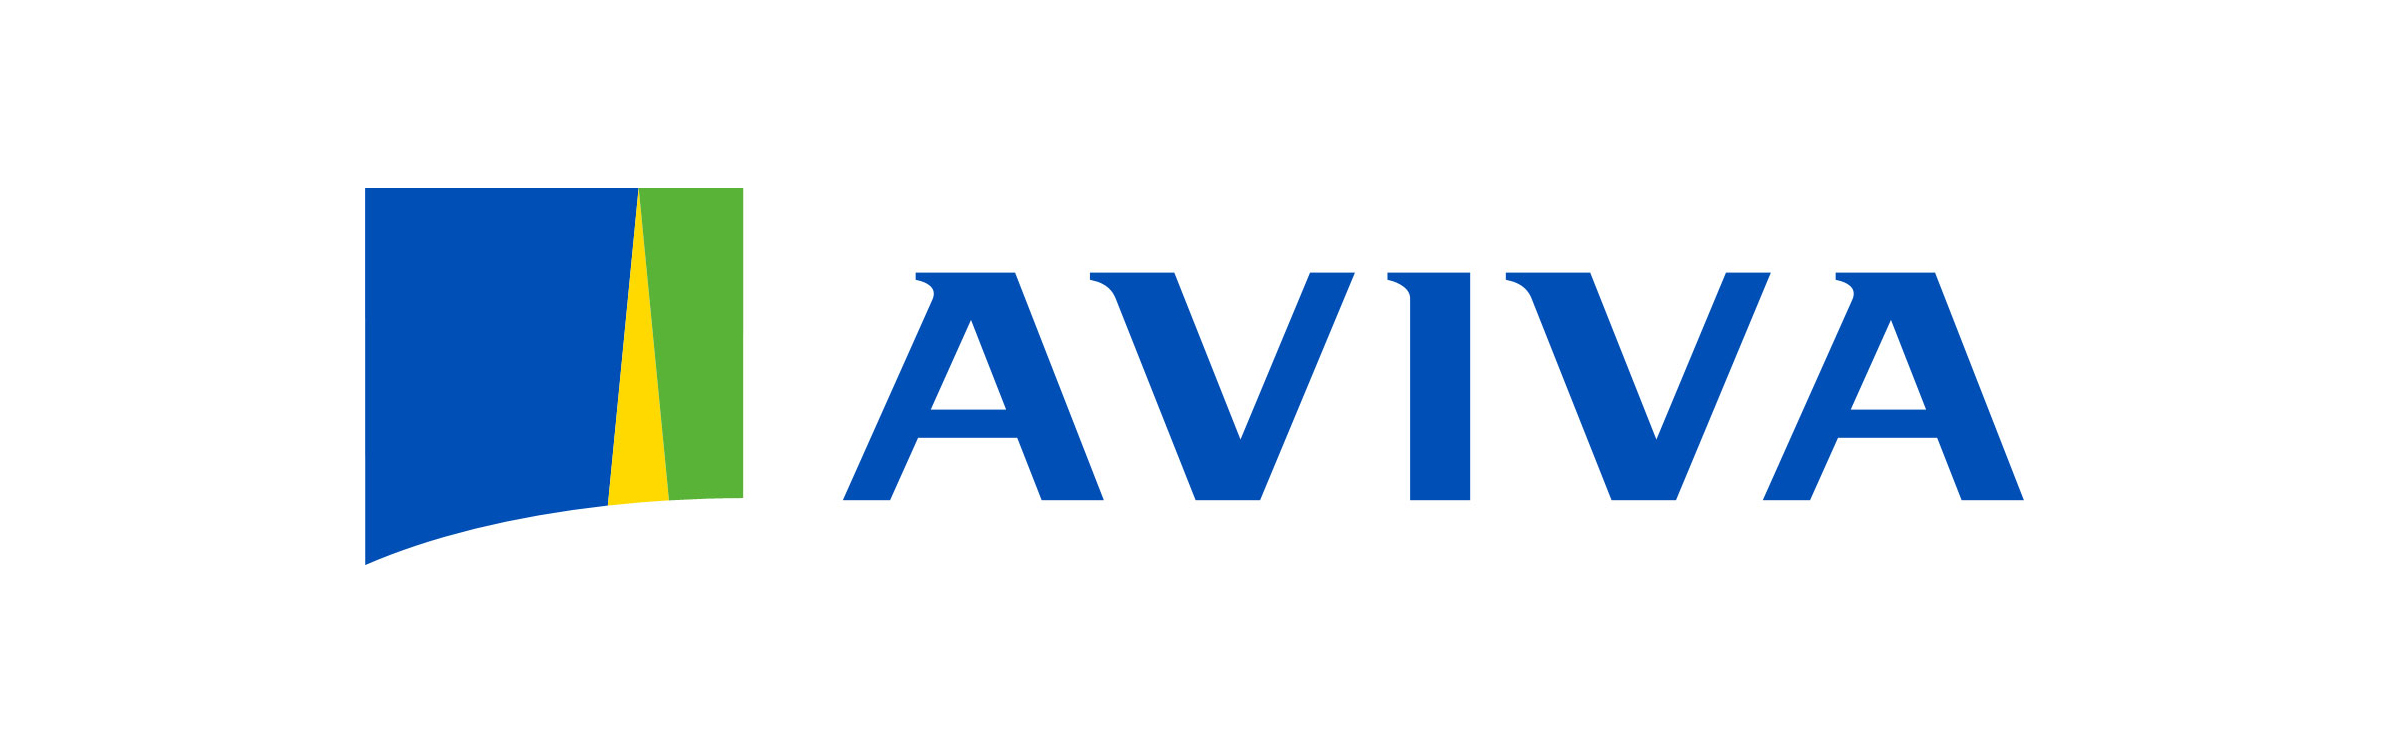 Aviva_logo_landscape.jpg